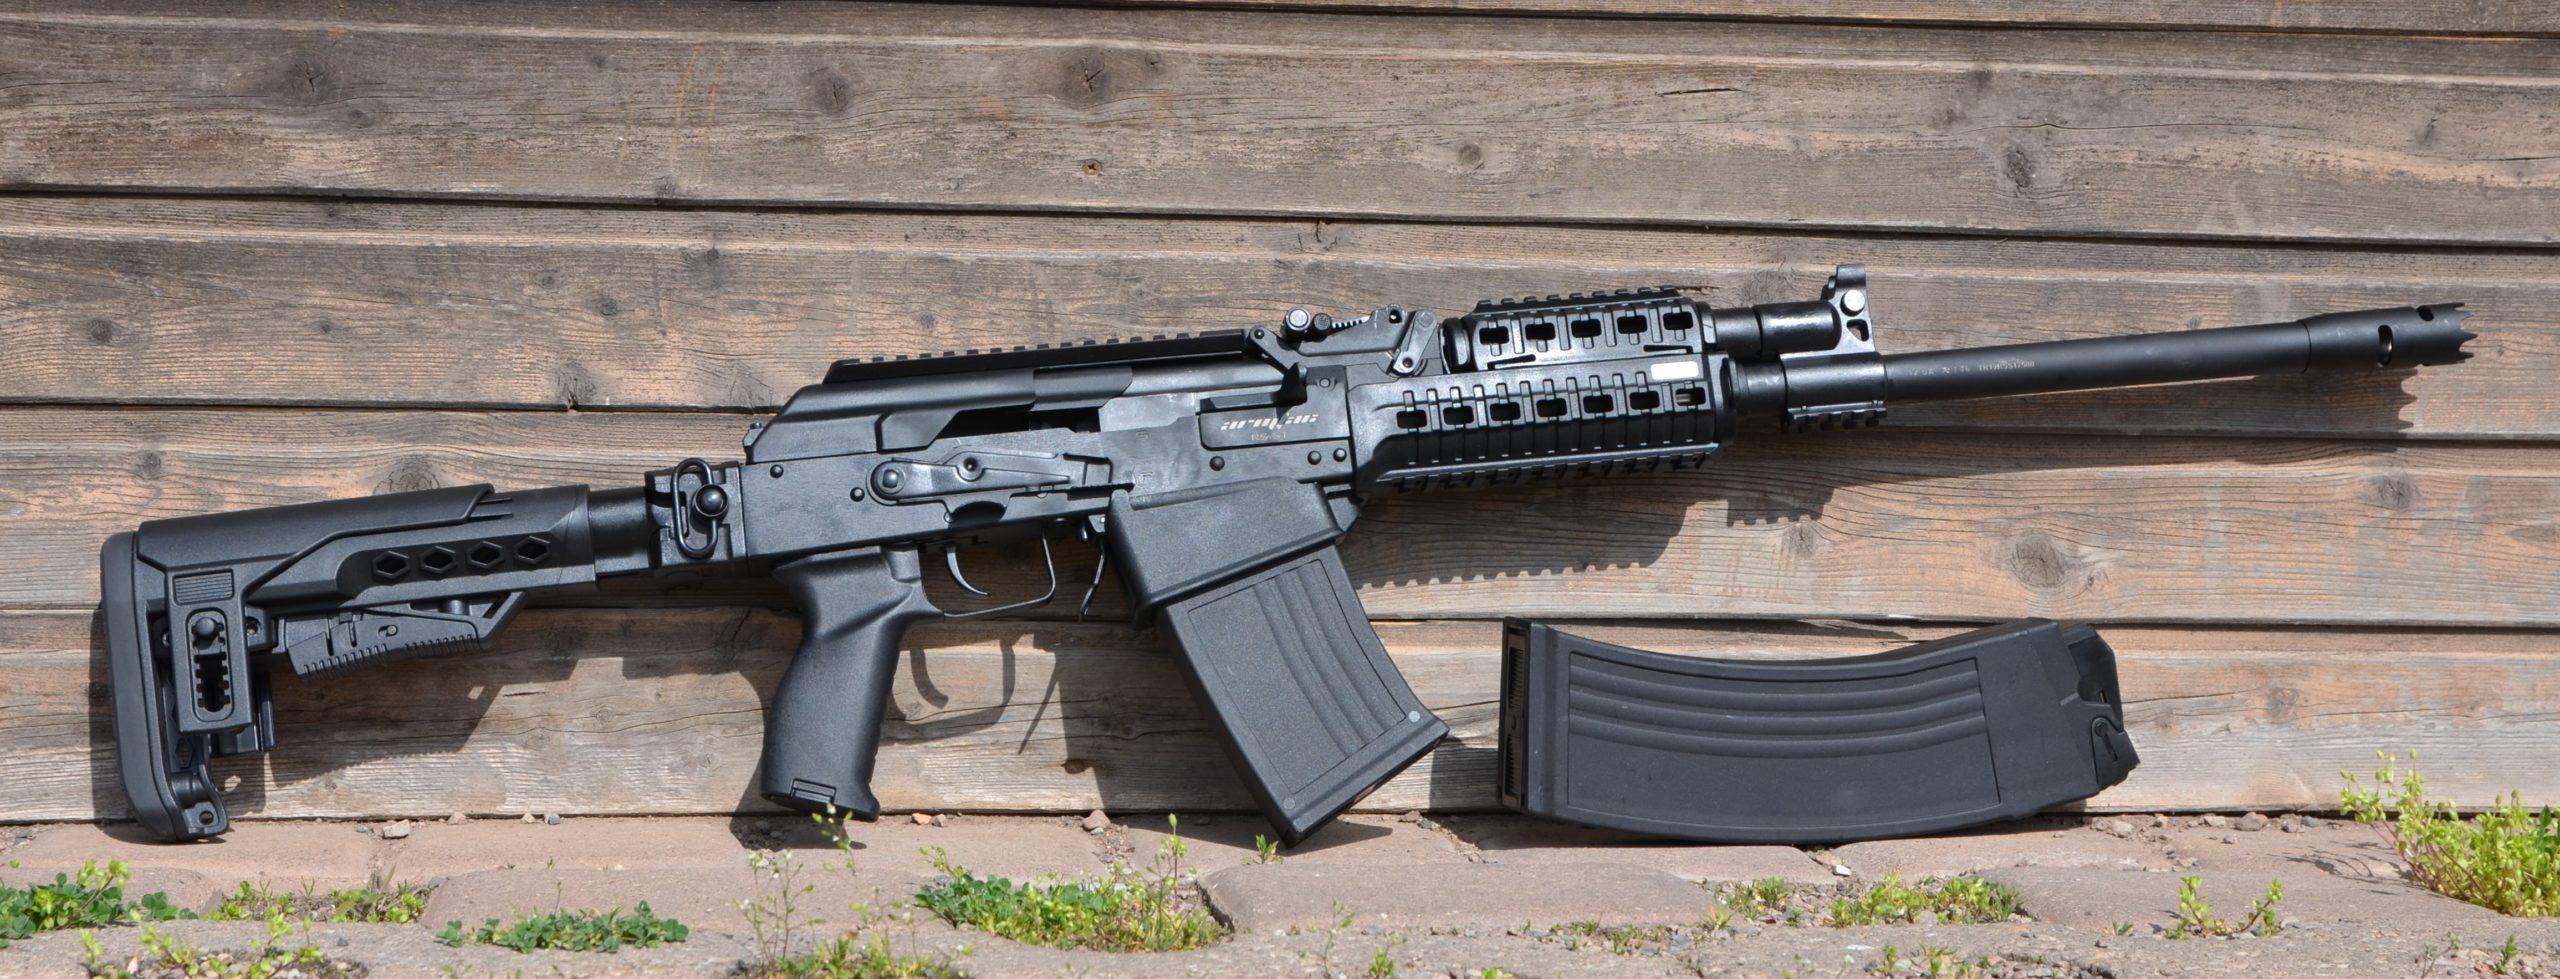 ARMSAN RS-S1 12/76 halbautomatische Flinte von rechts mit 5/10 Schuss Magazin